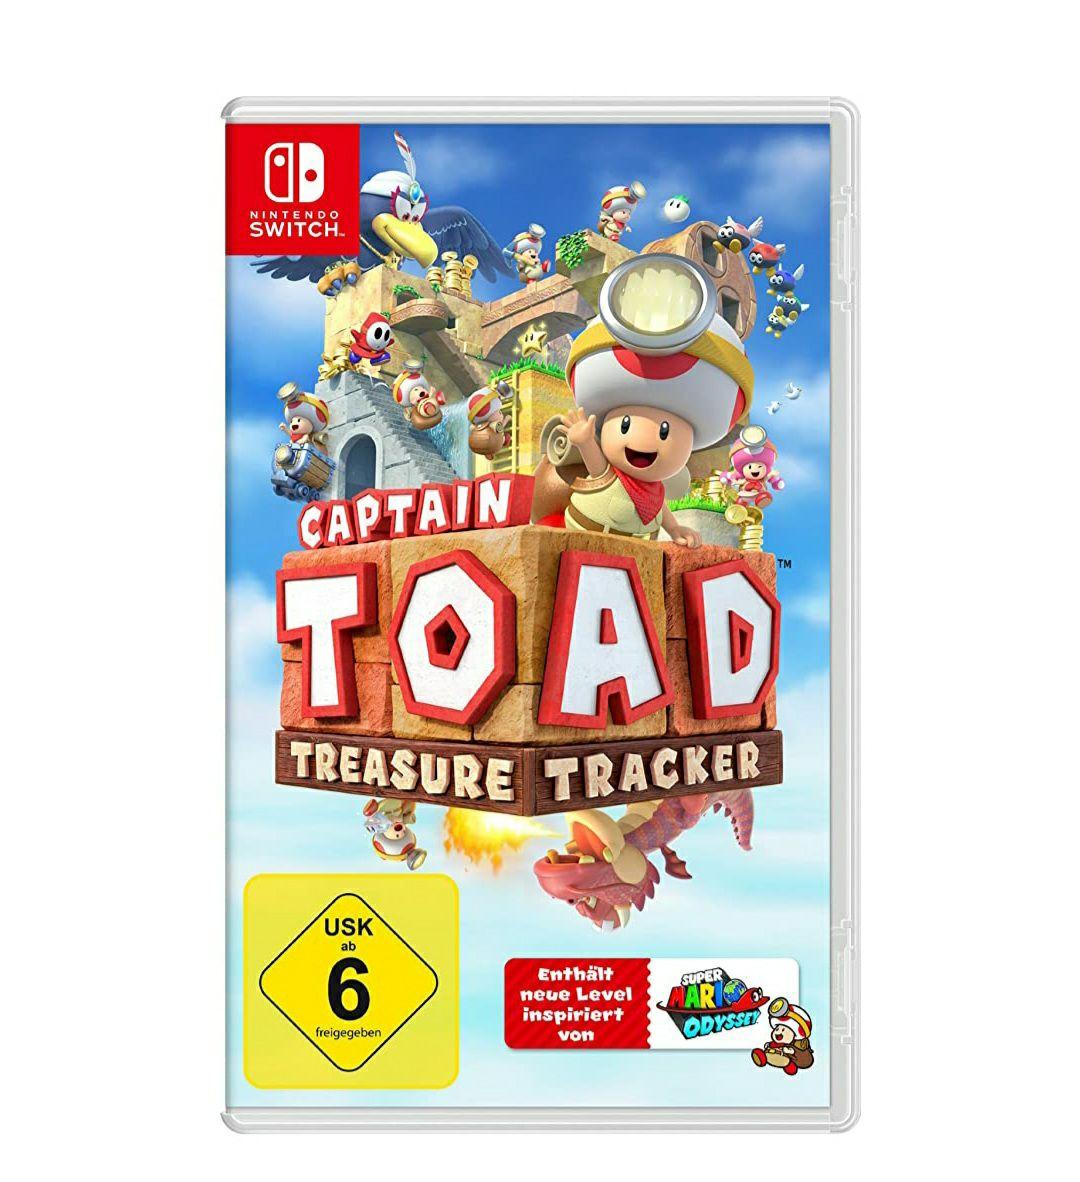 [Lidl Online] Nintendo Captain Toad: Treasure Tracker (Nintendo Switch), 1- 2 Spieler